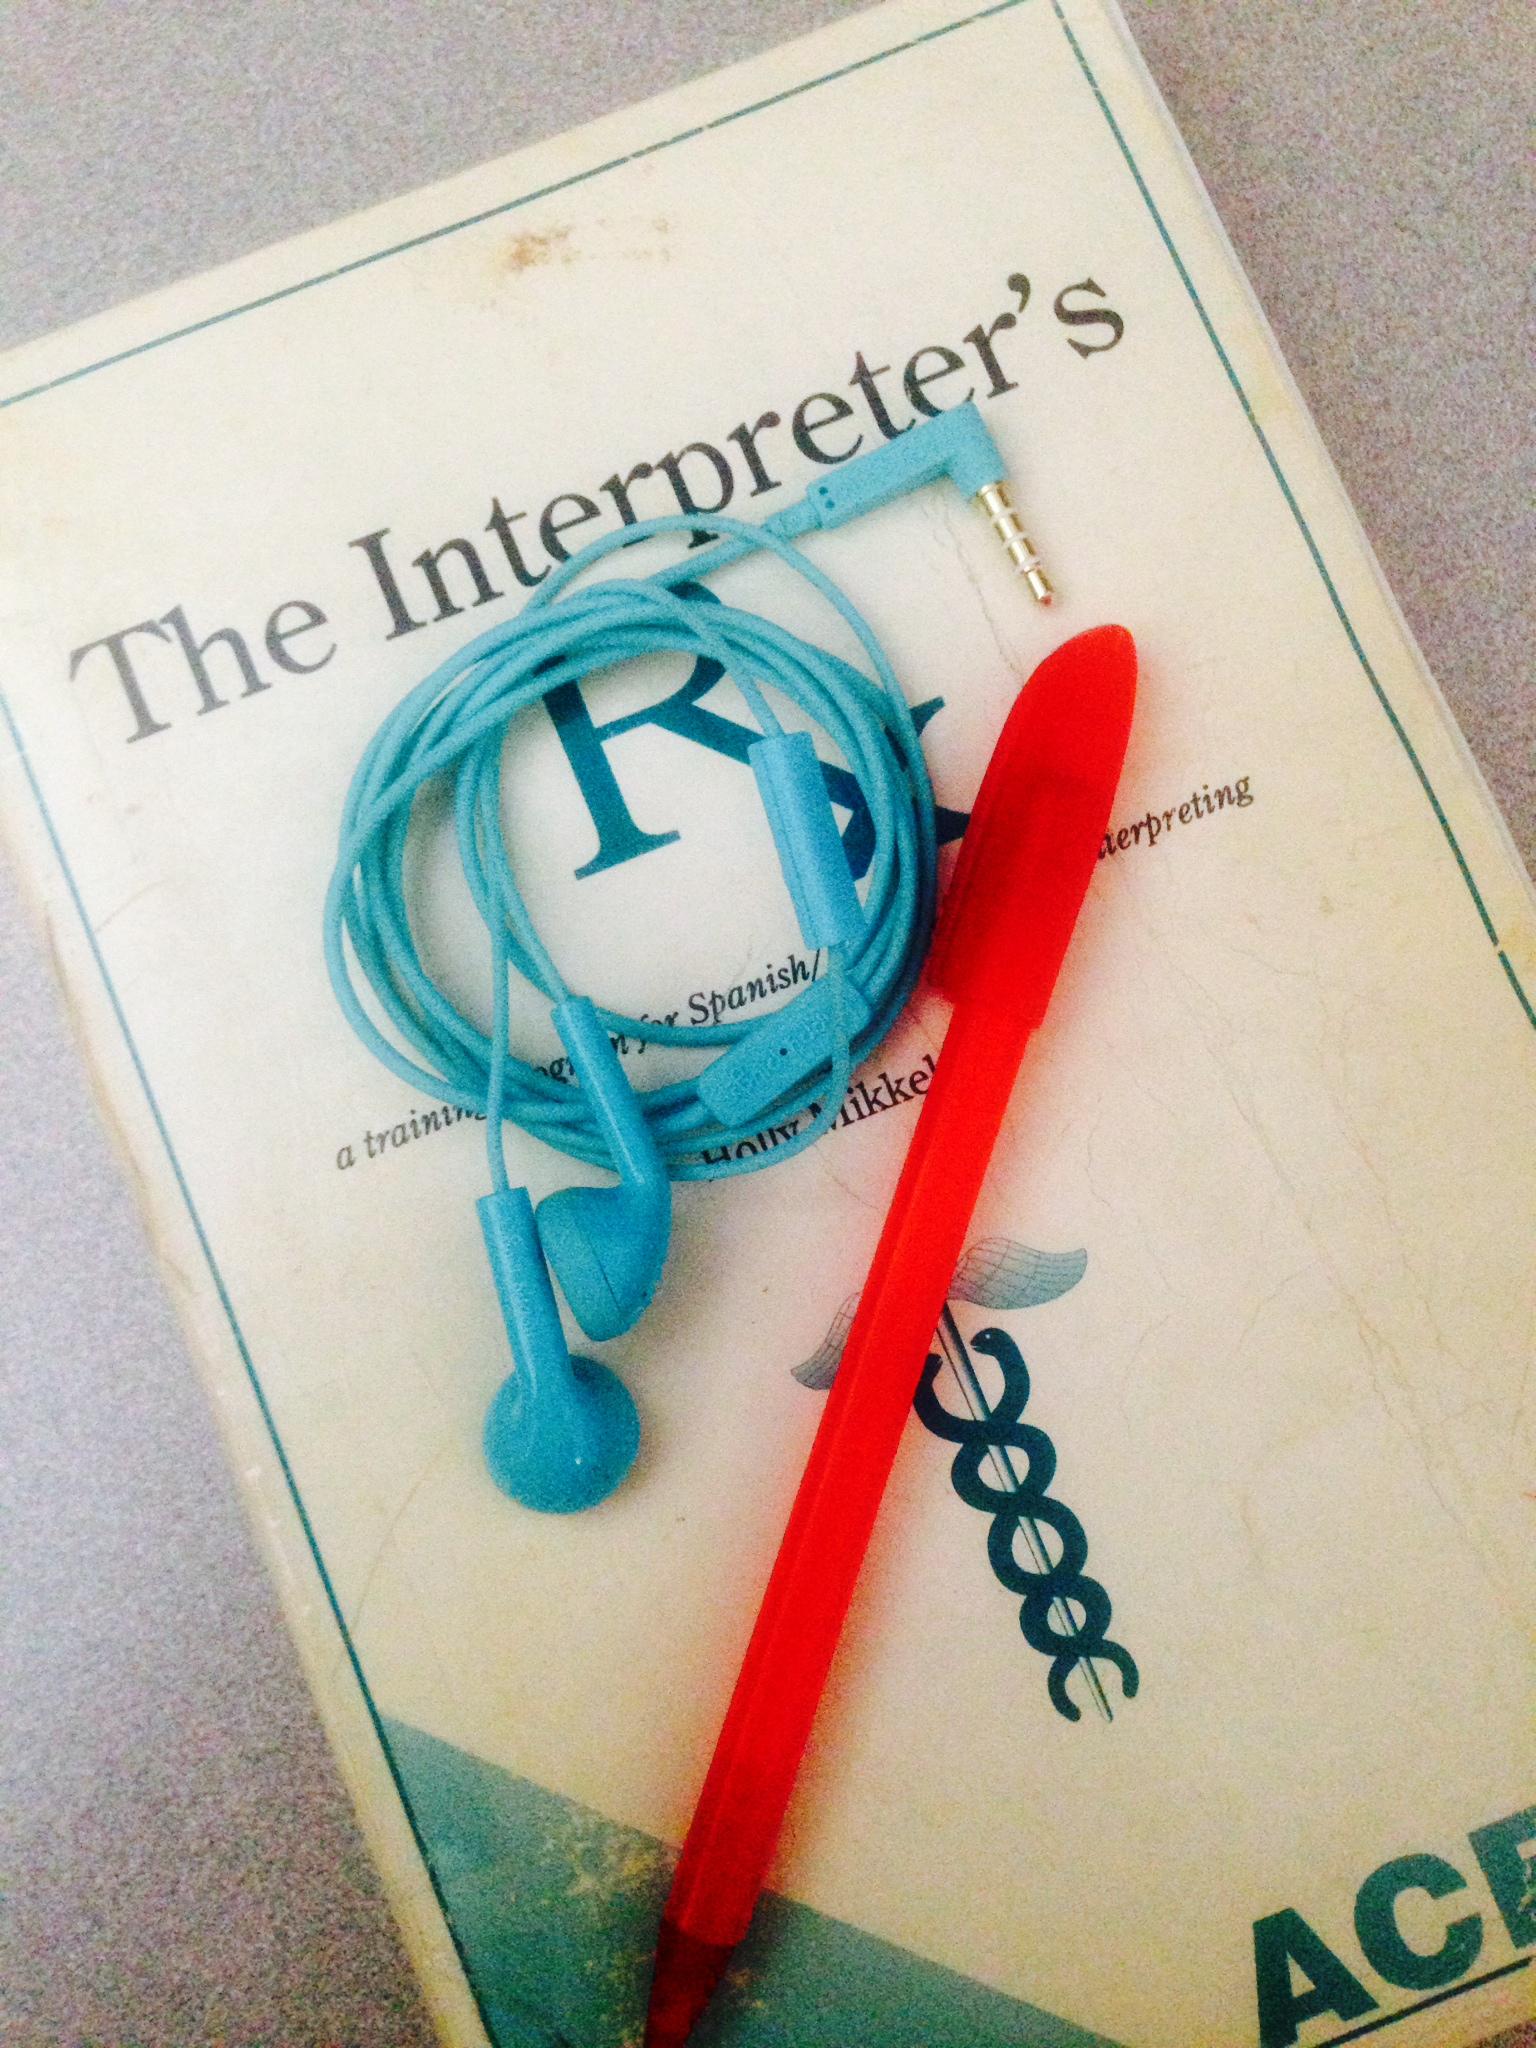 oral exam preparation – Liz Essary, Certified Spanish Interpreter